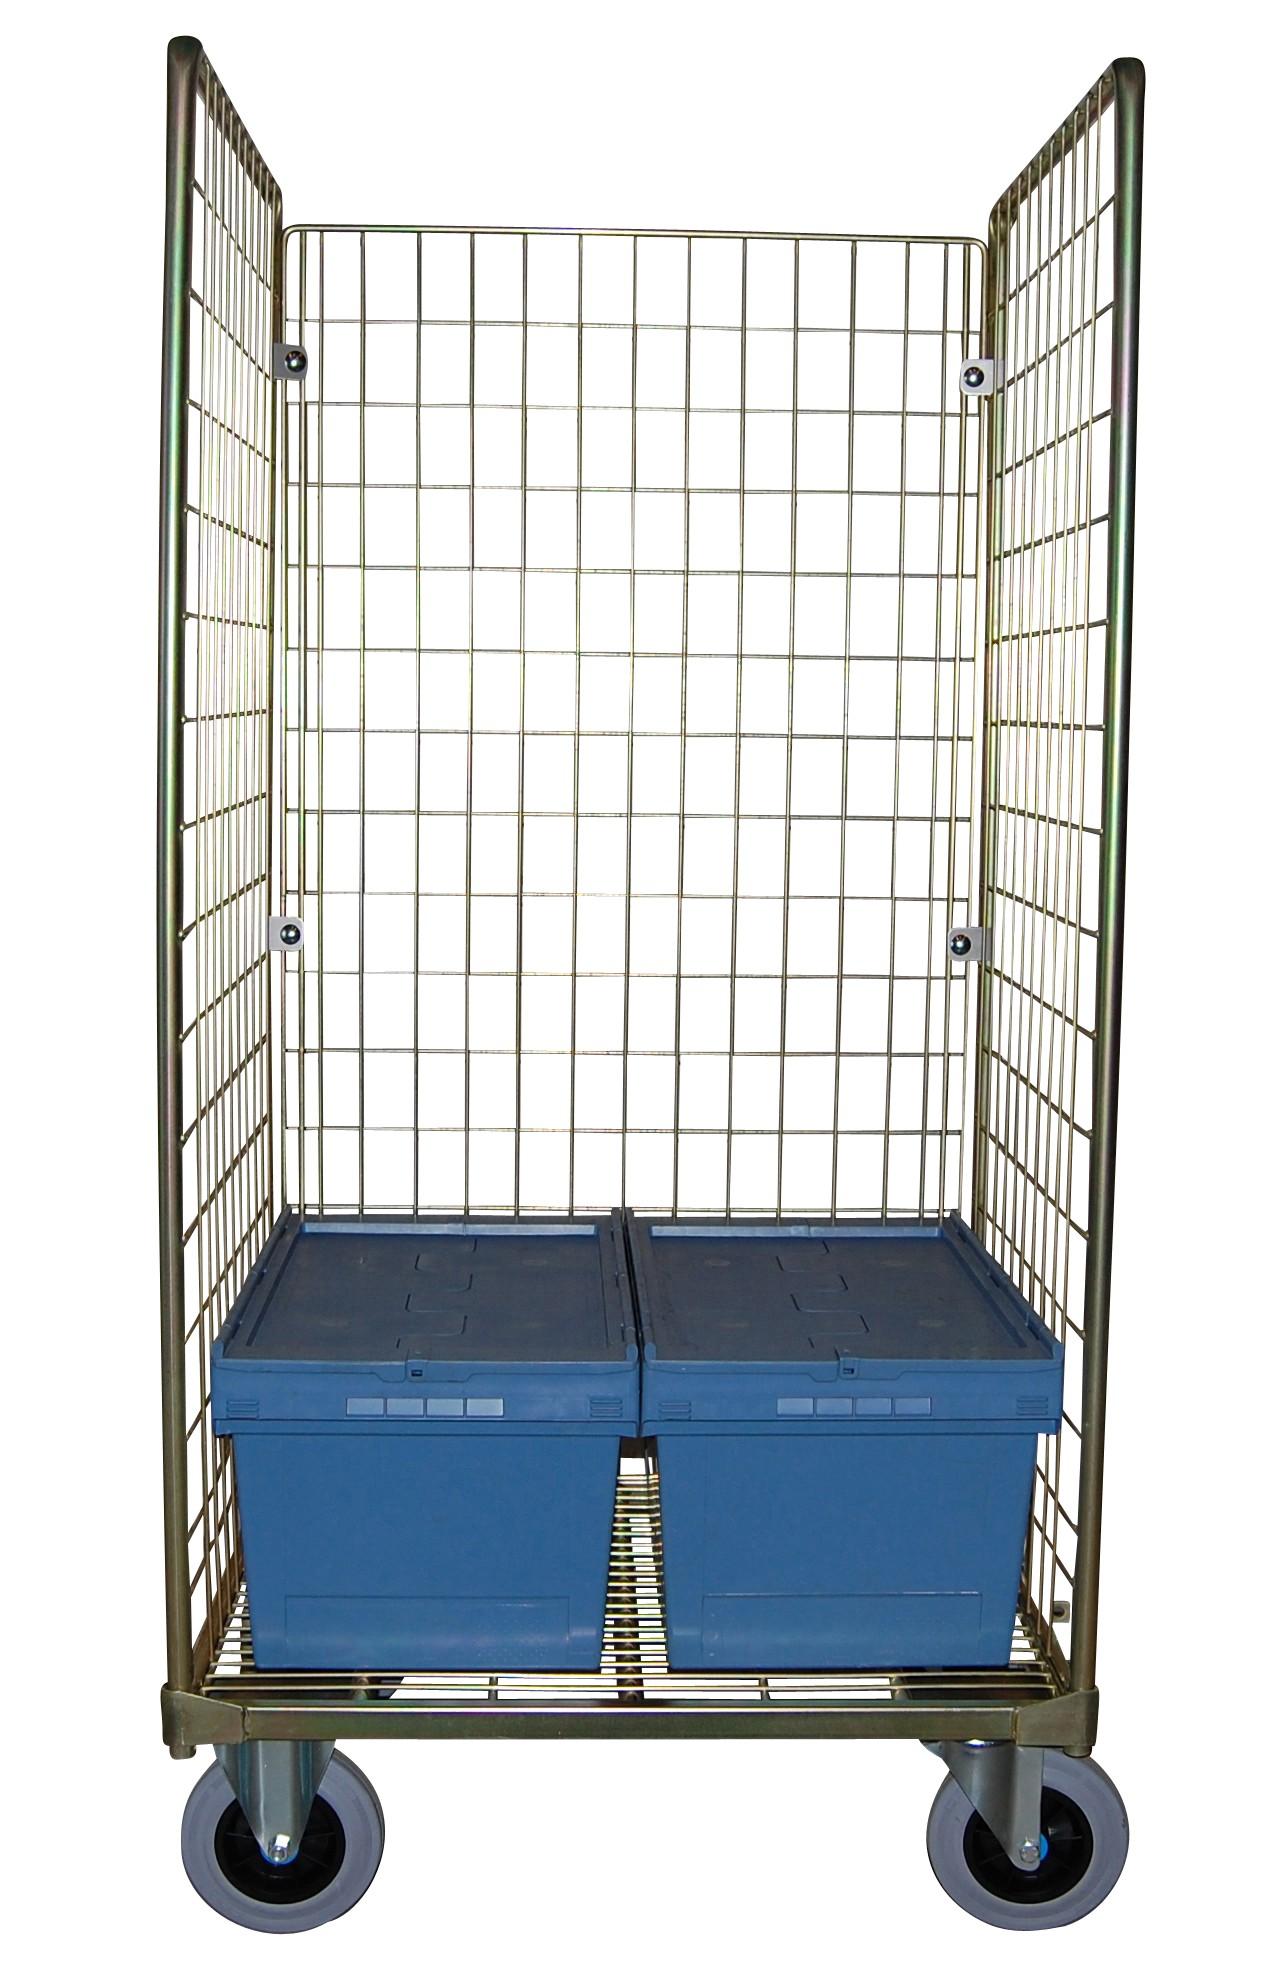 CHARIOT ROLL CAISSE Utilisation: Pour transporter vos bacs norme ISO Roues: 2 fixes, 2 pivotantes Description: 1 socle f